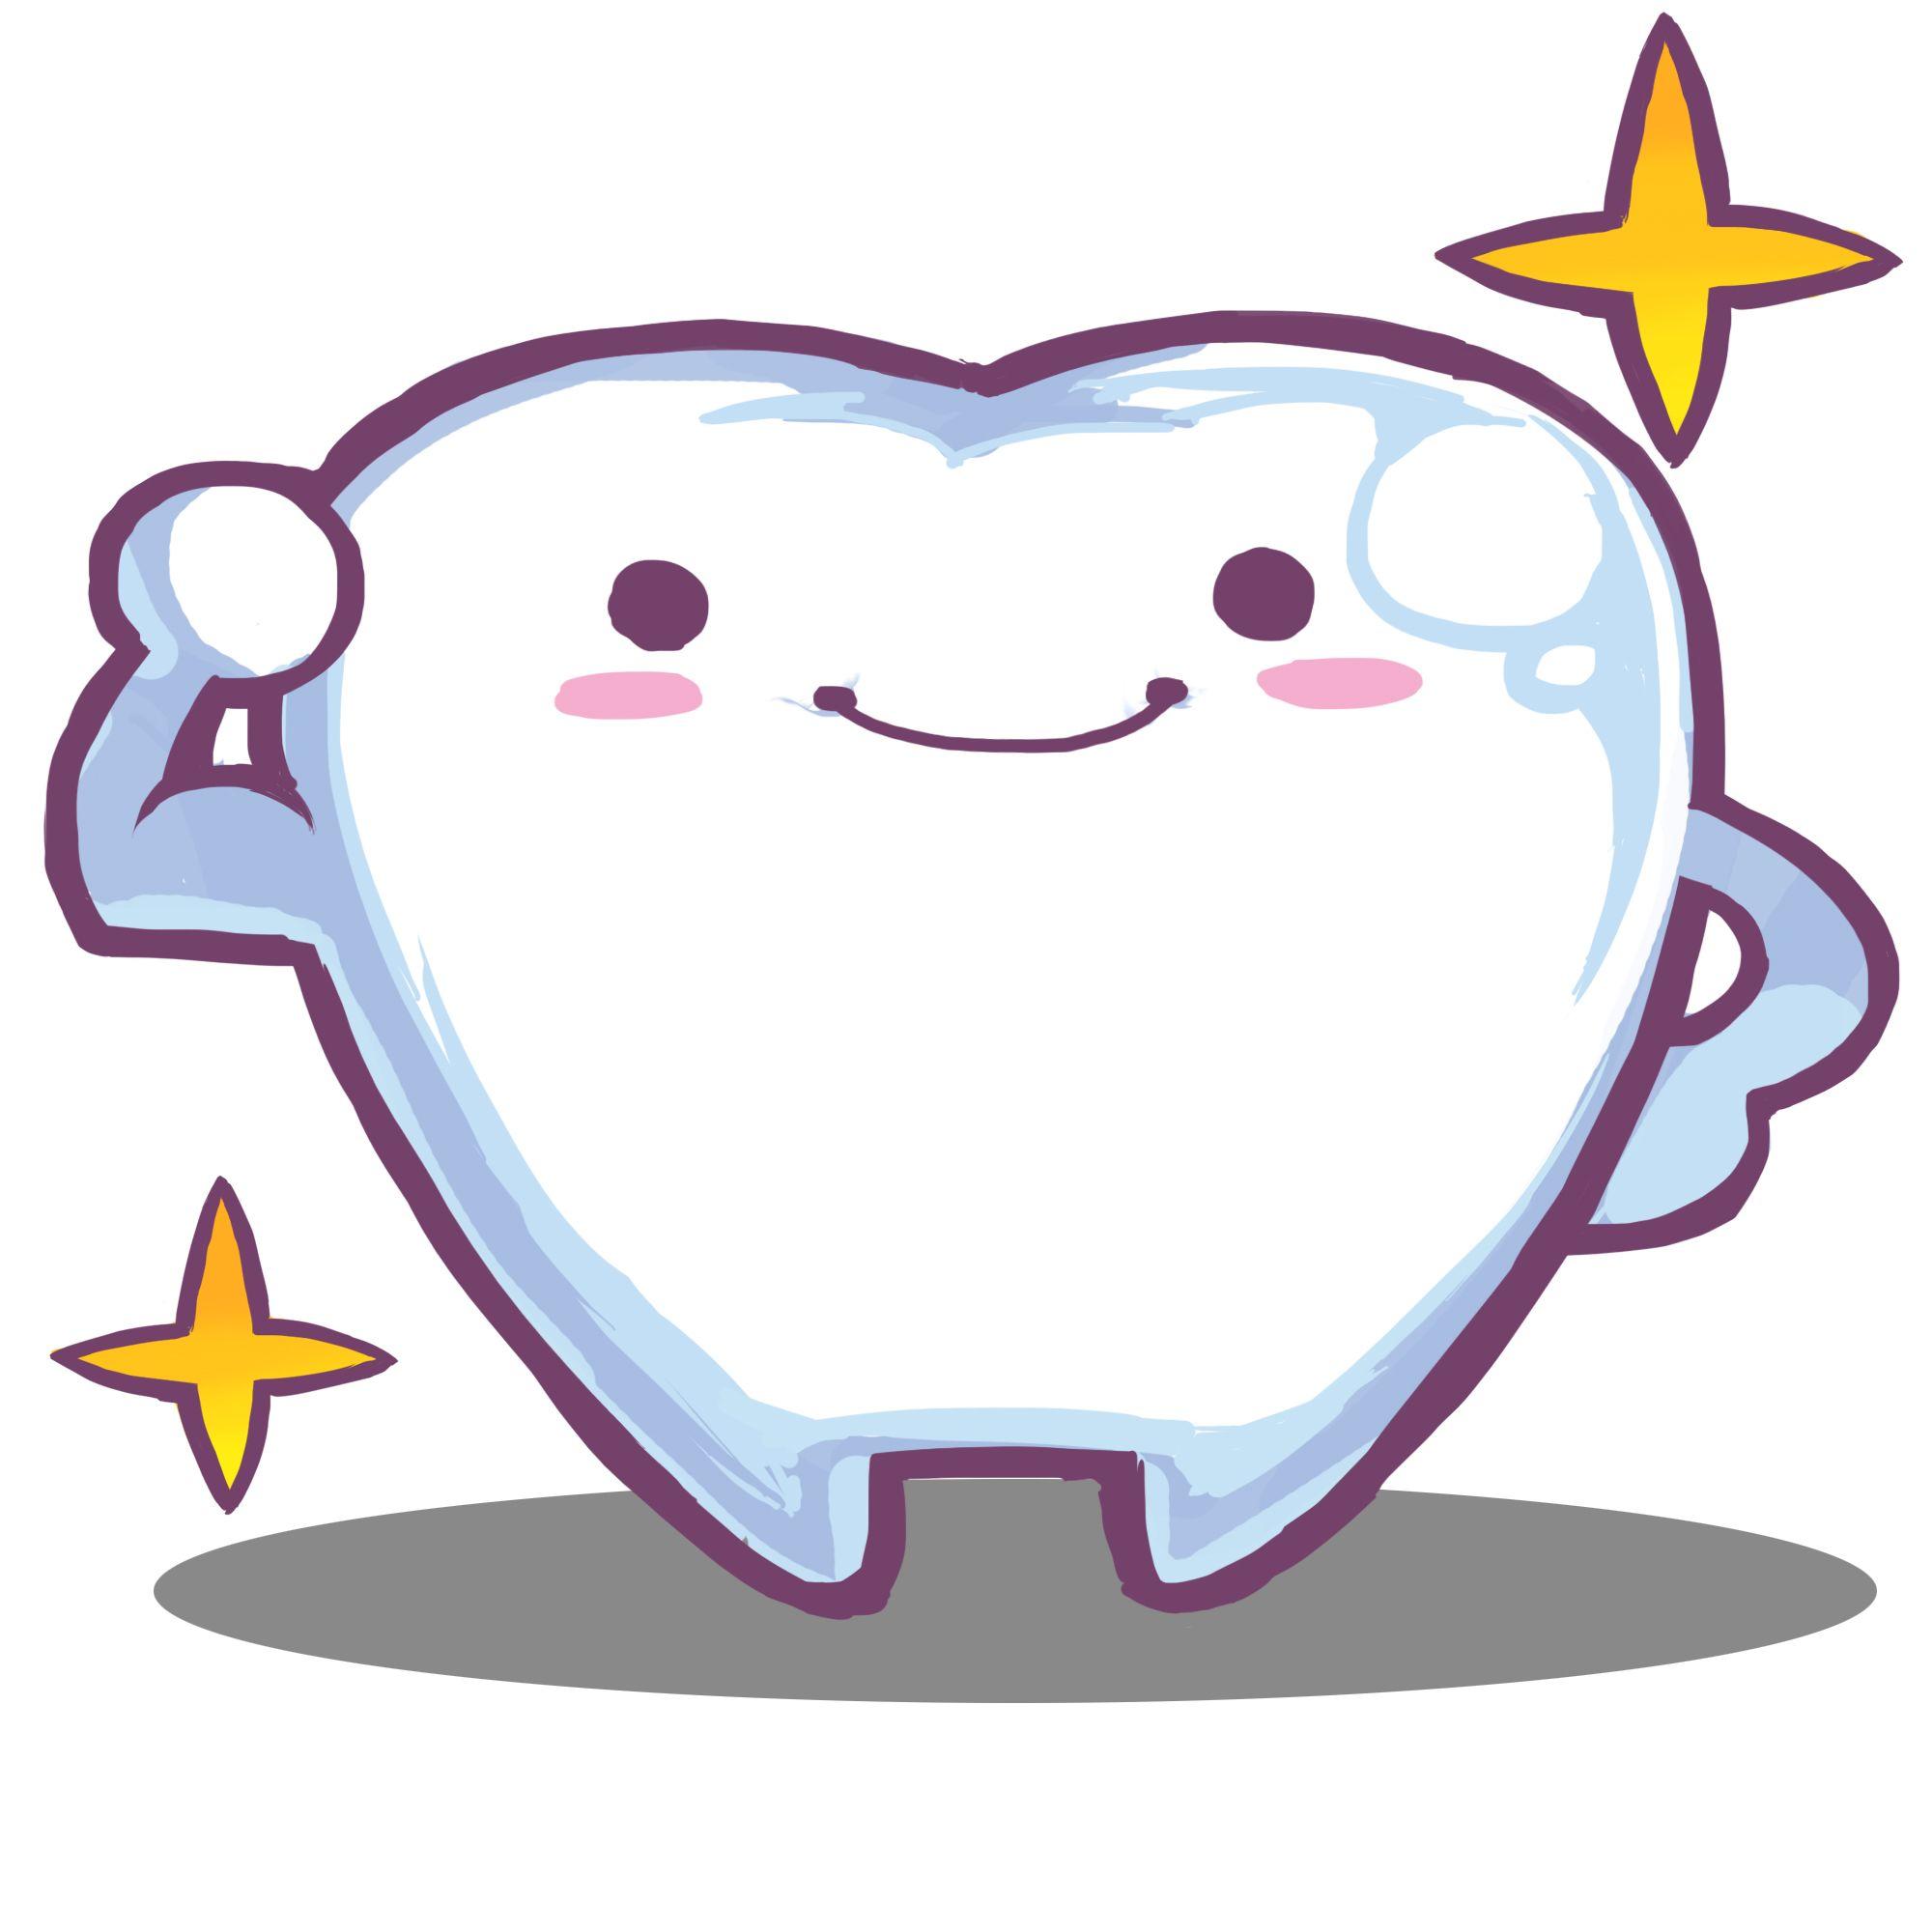 評判が良い下北沢周辺のおすすめ歯医者6選